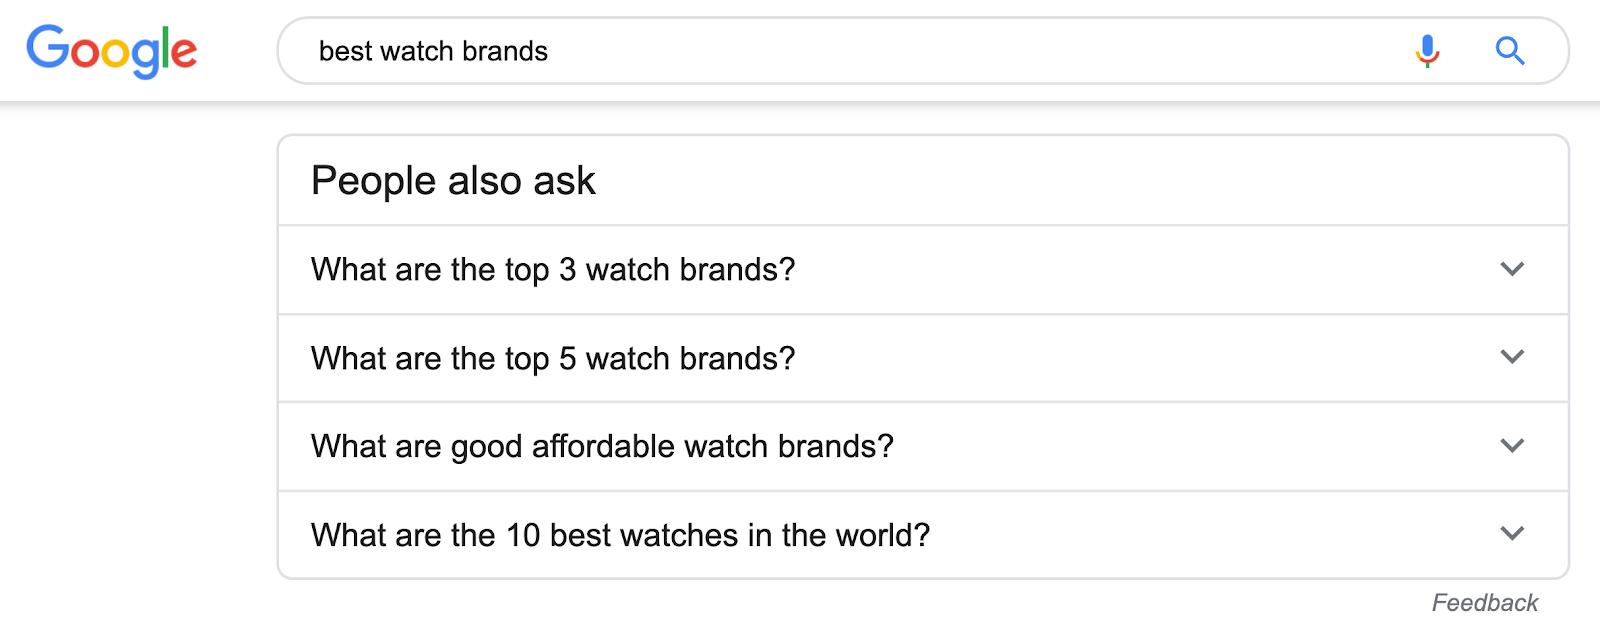 best watch brands paa